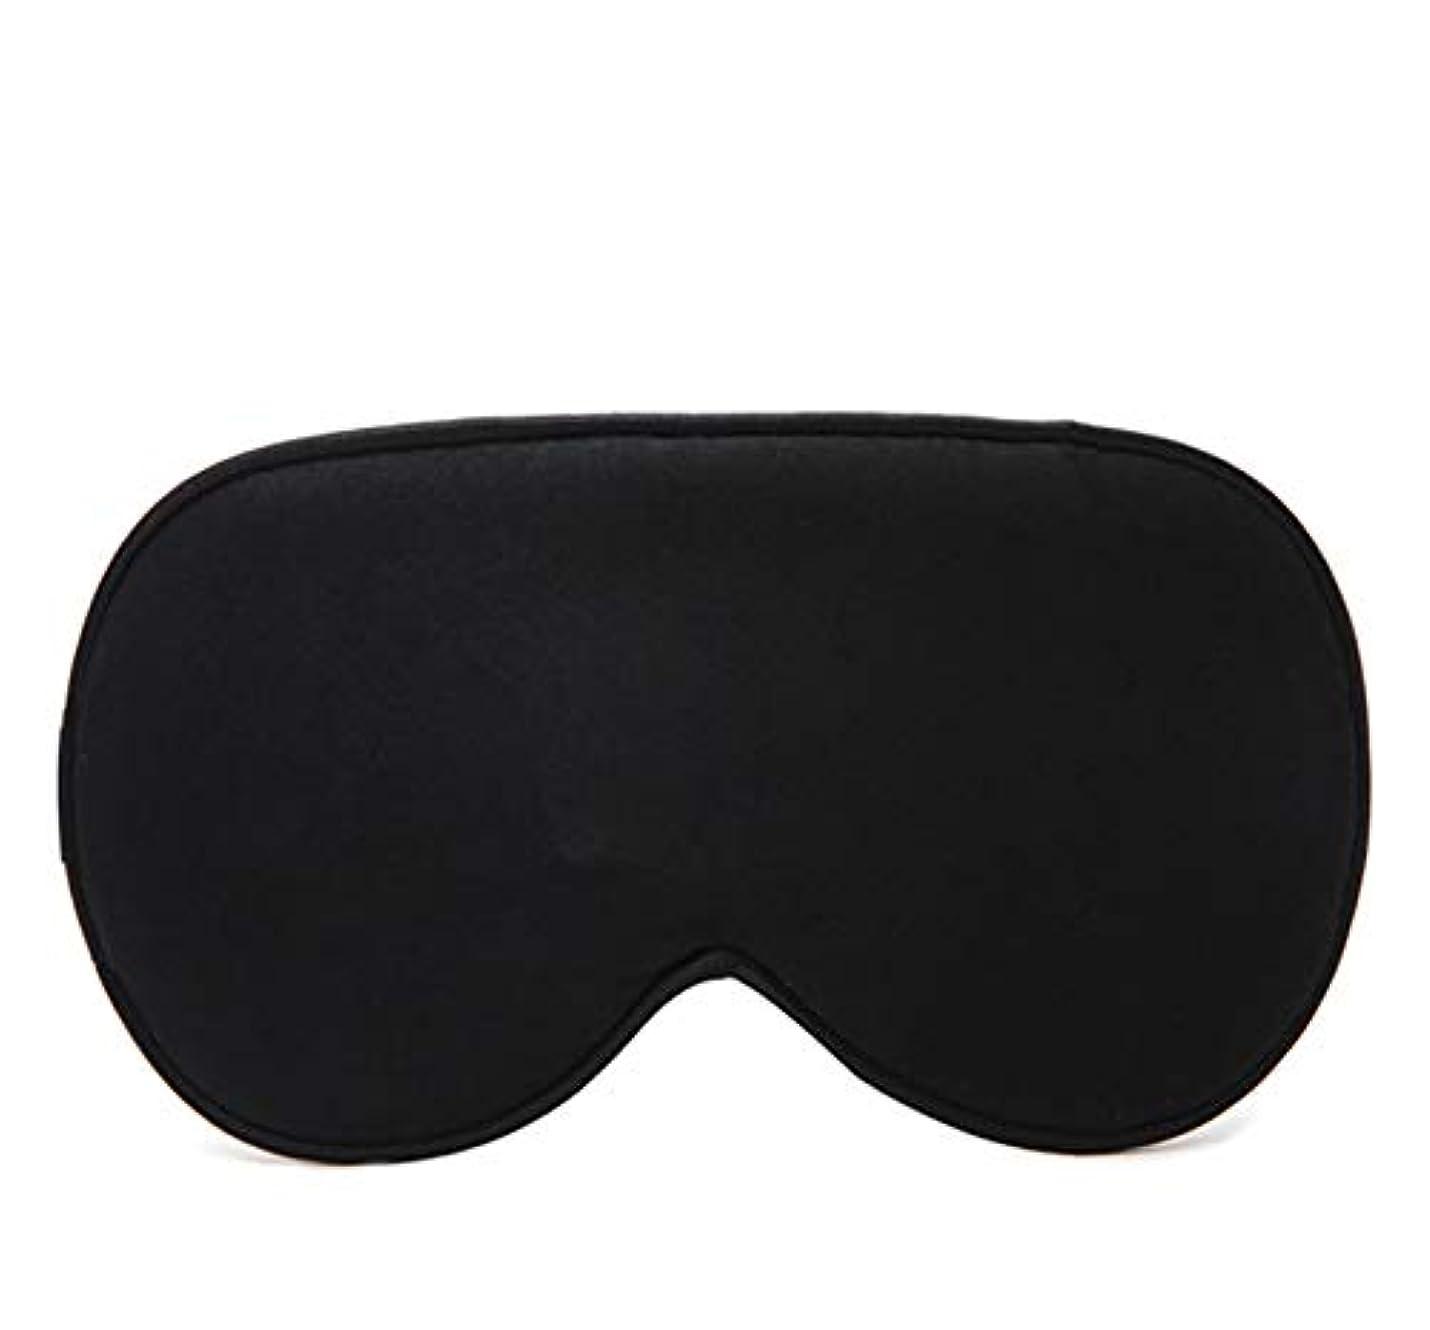 無線減少カウンタNOTE 3dソフト通気性ファブリックアイシェード睡眠アイマスクポータブル旅行睡眠休息補助アイマスクカバーアイパッチ睡眠マスク